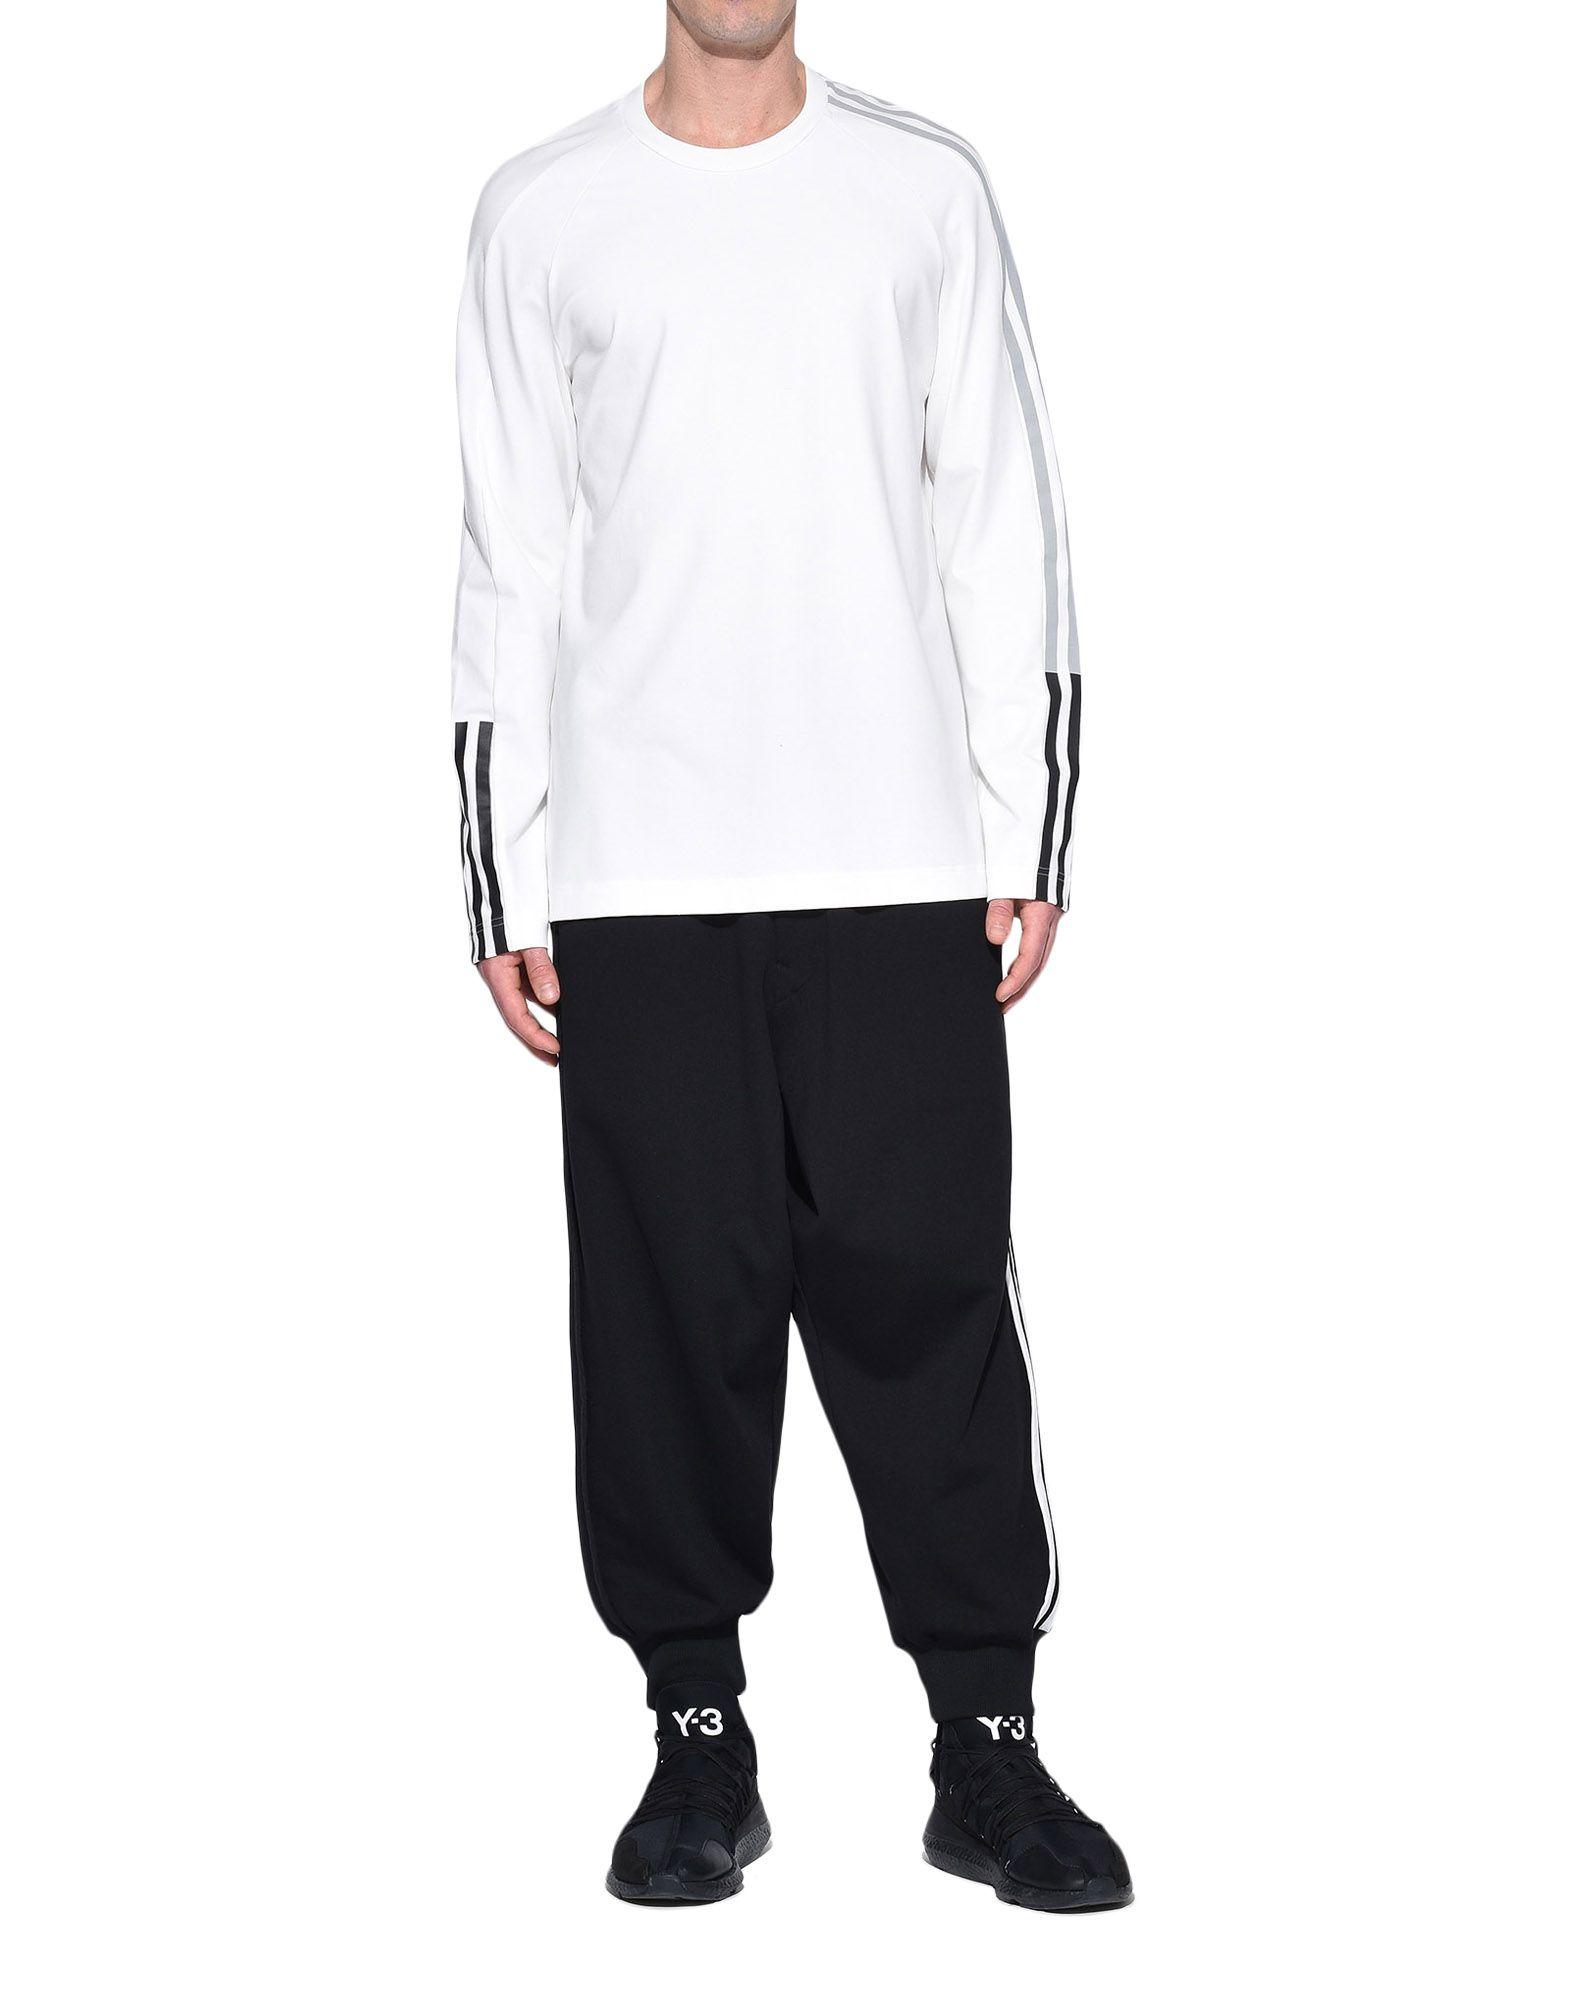 Y-3 Y-3 3-Stripes Tee Long sleeve t-shirt Man a